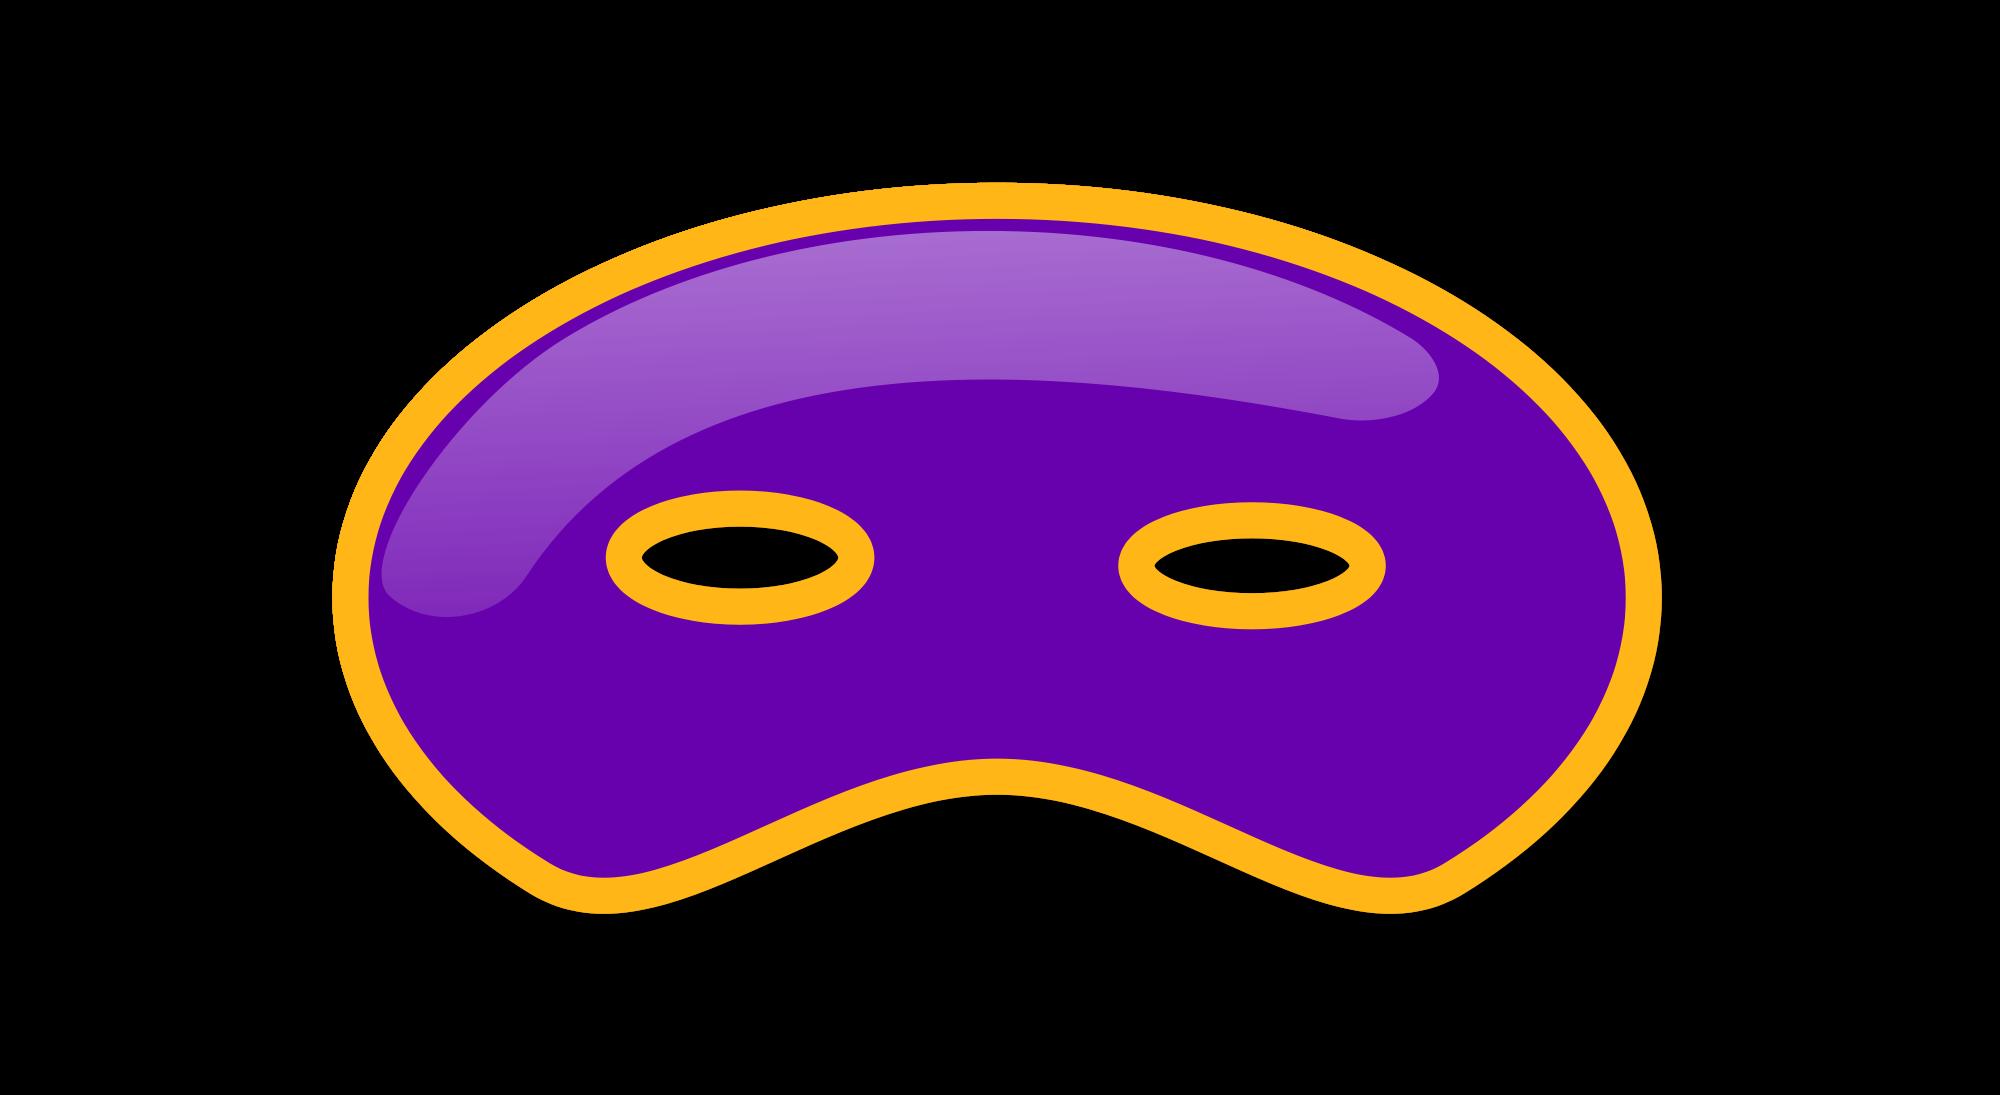 dnsmasq-logo